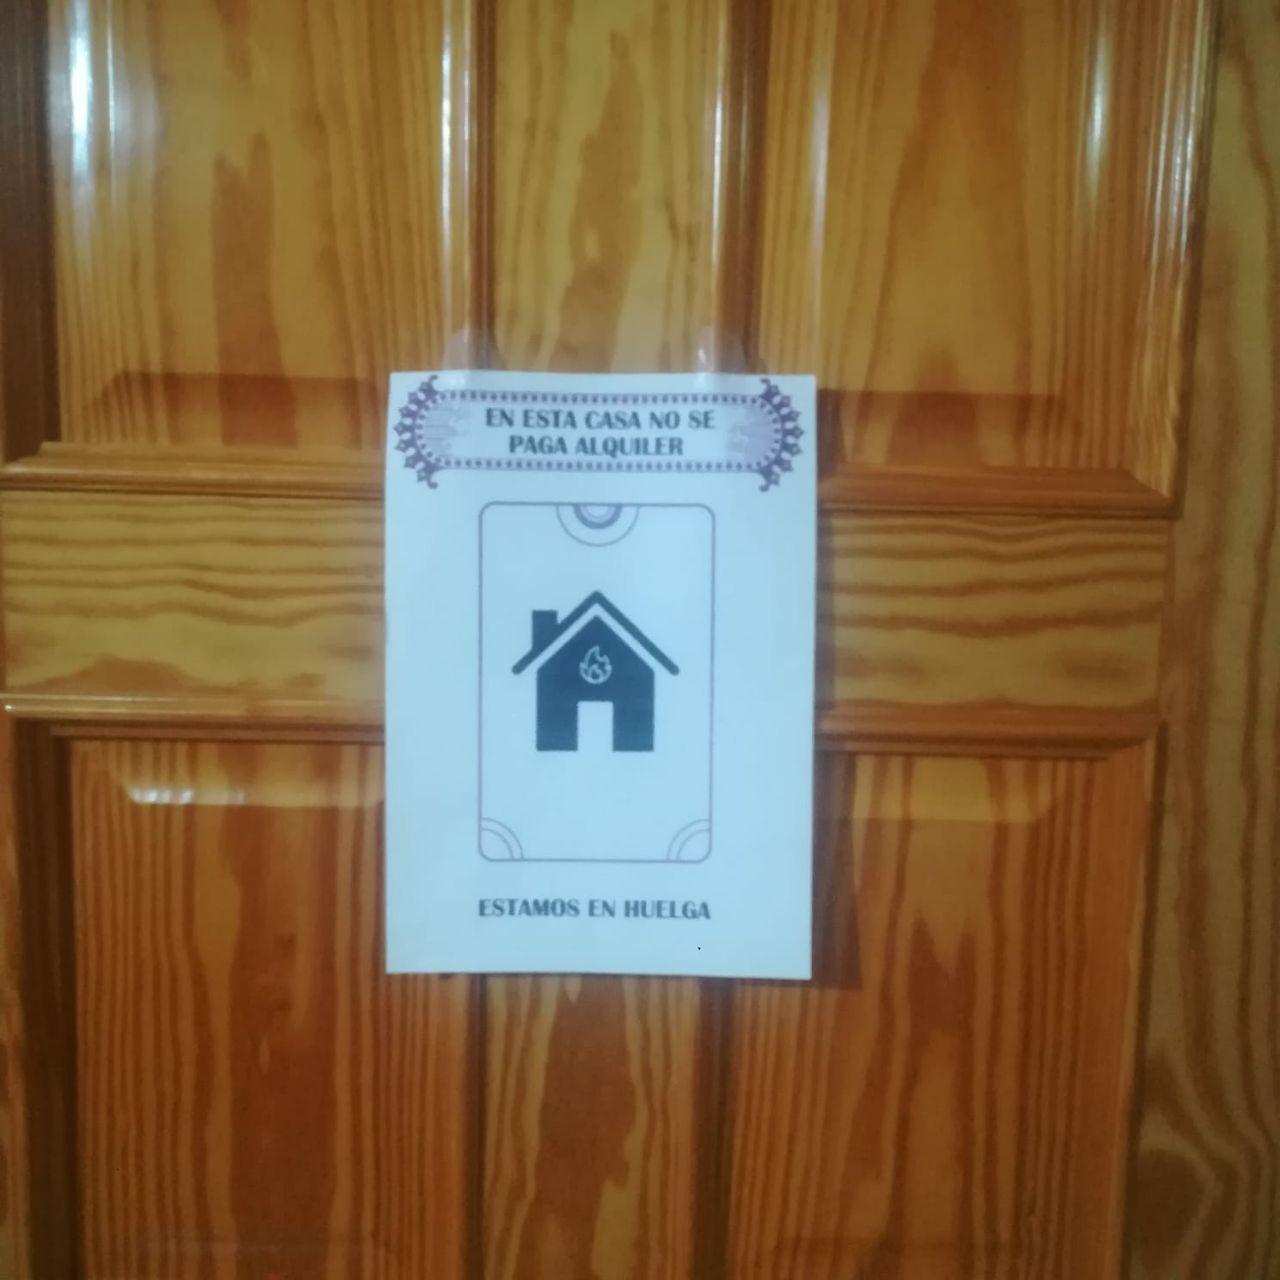 Cartel huelga en puerta casa